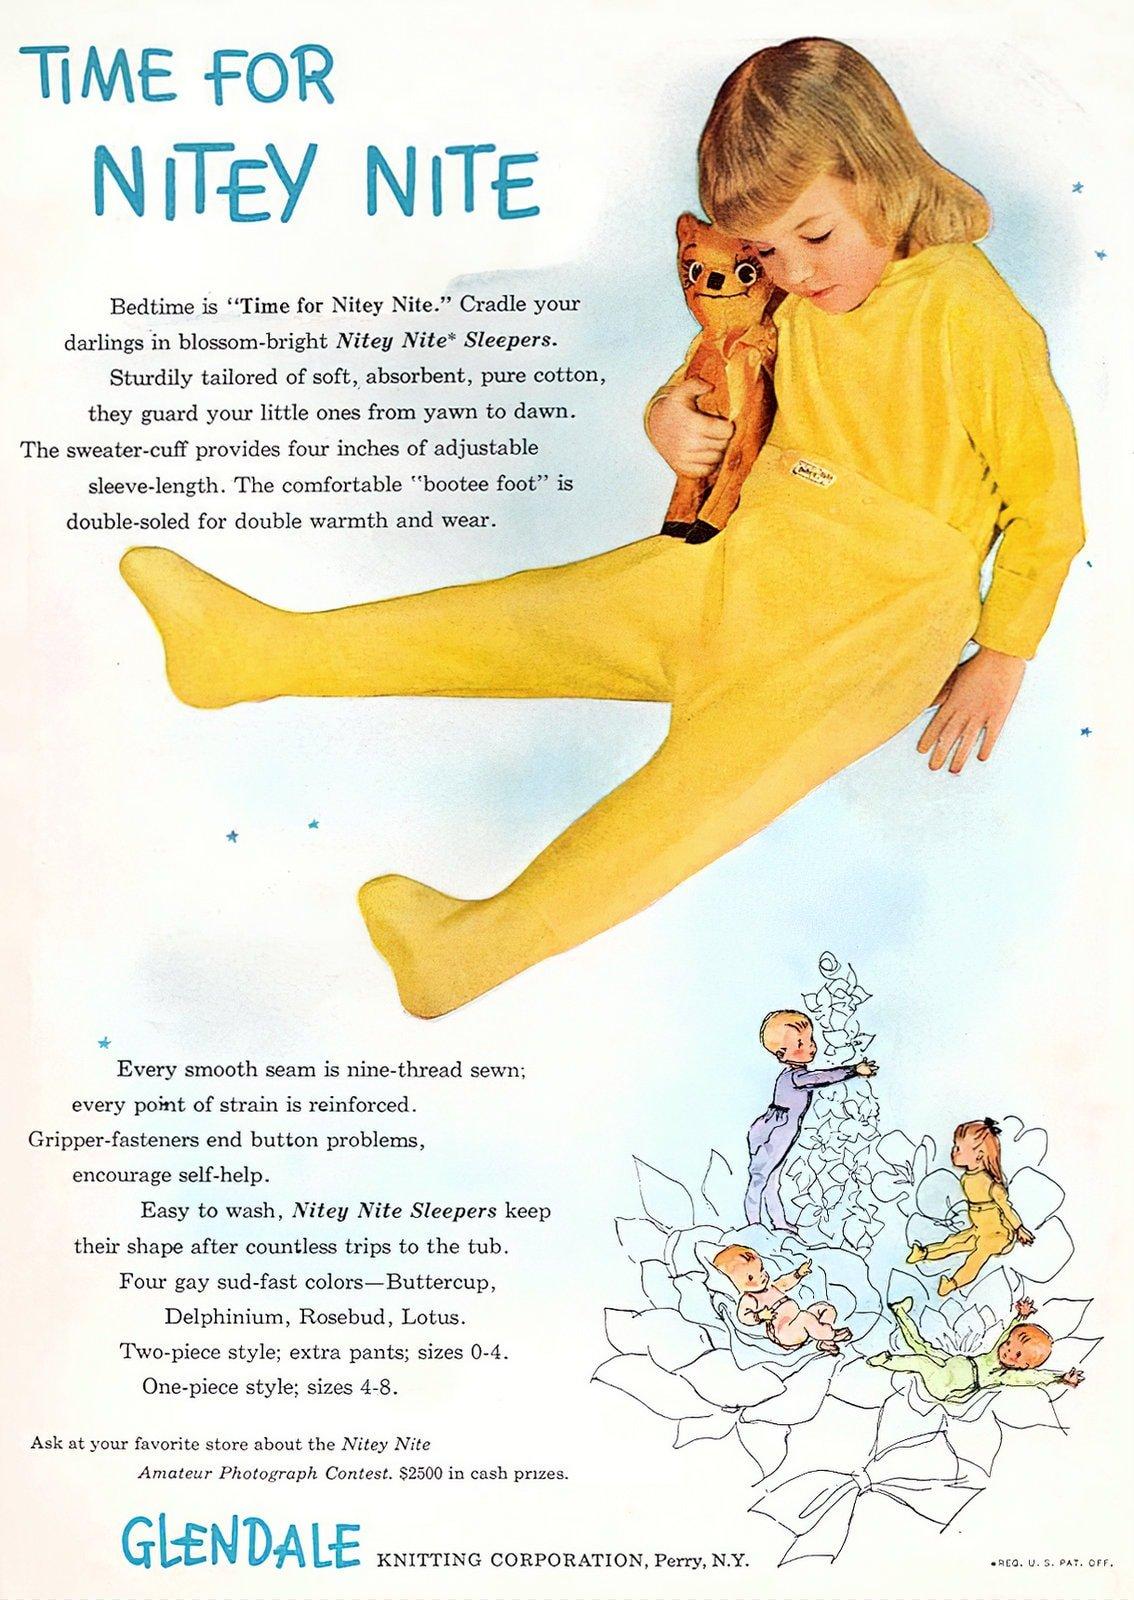 Vintage Nitey Nite sleepers - Footed pajamas for kids (1948)